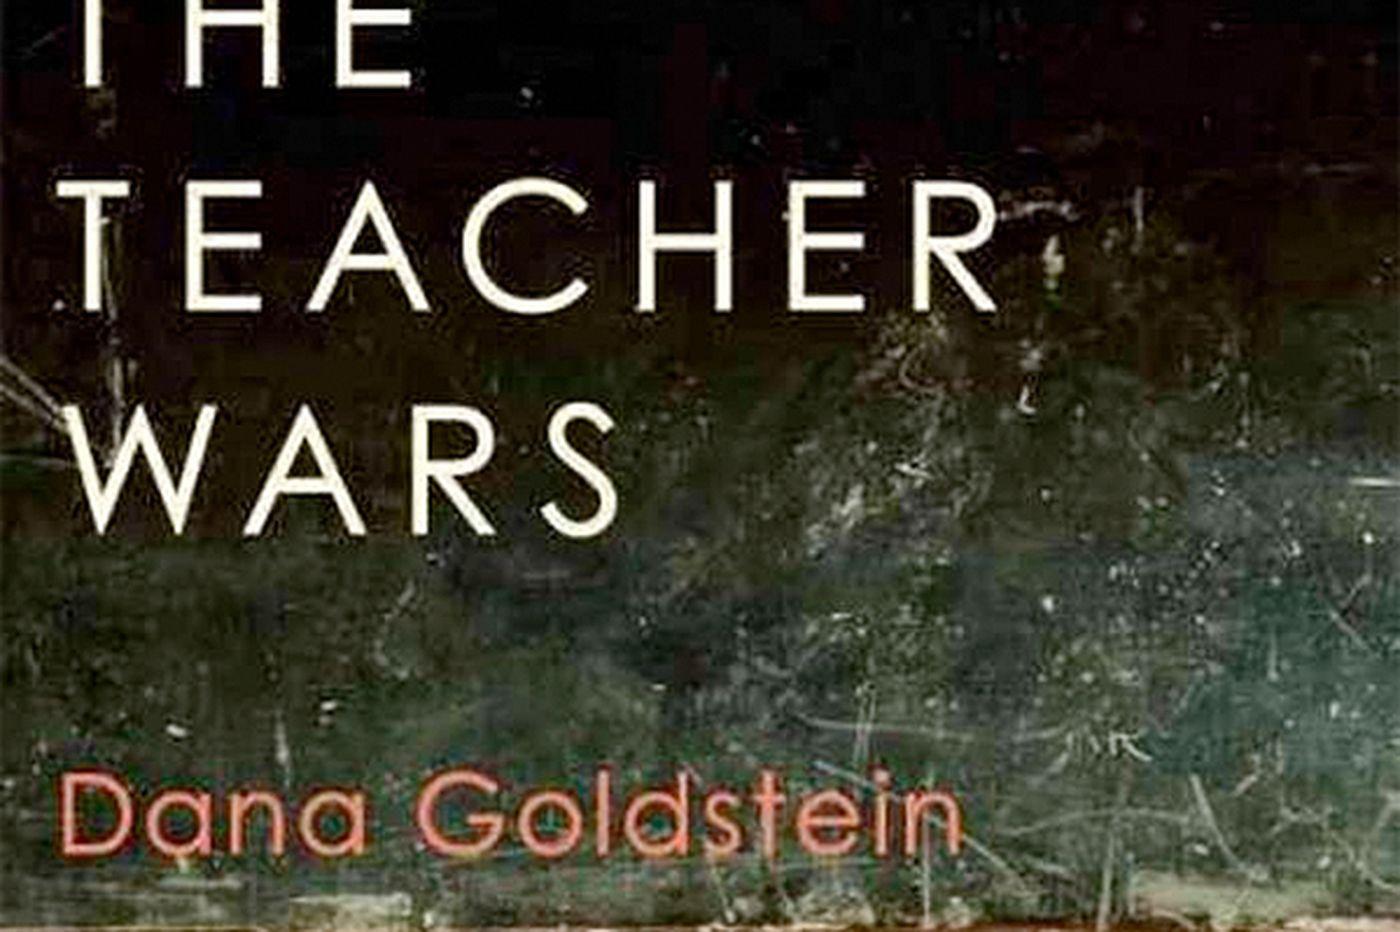 A positive way to make teachers better